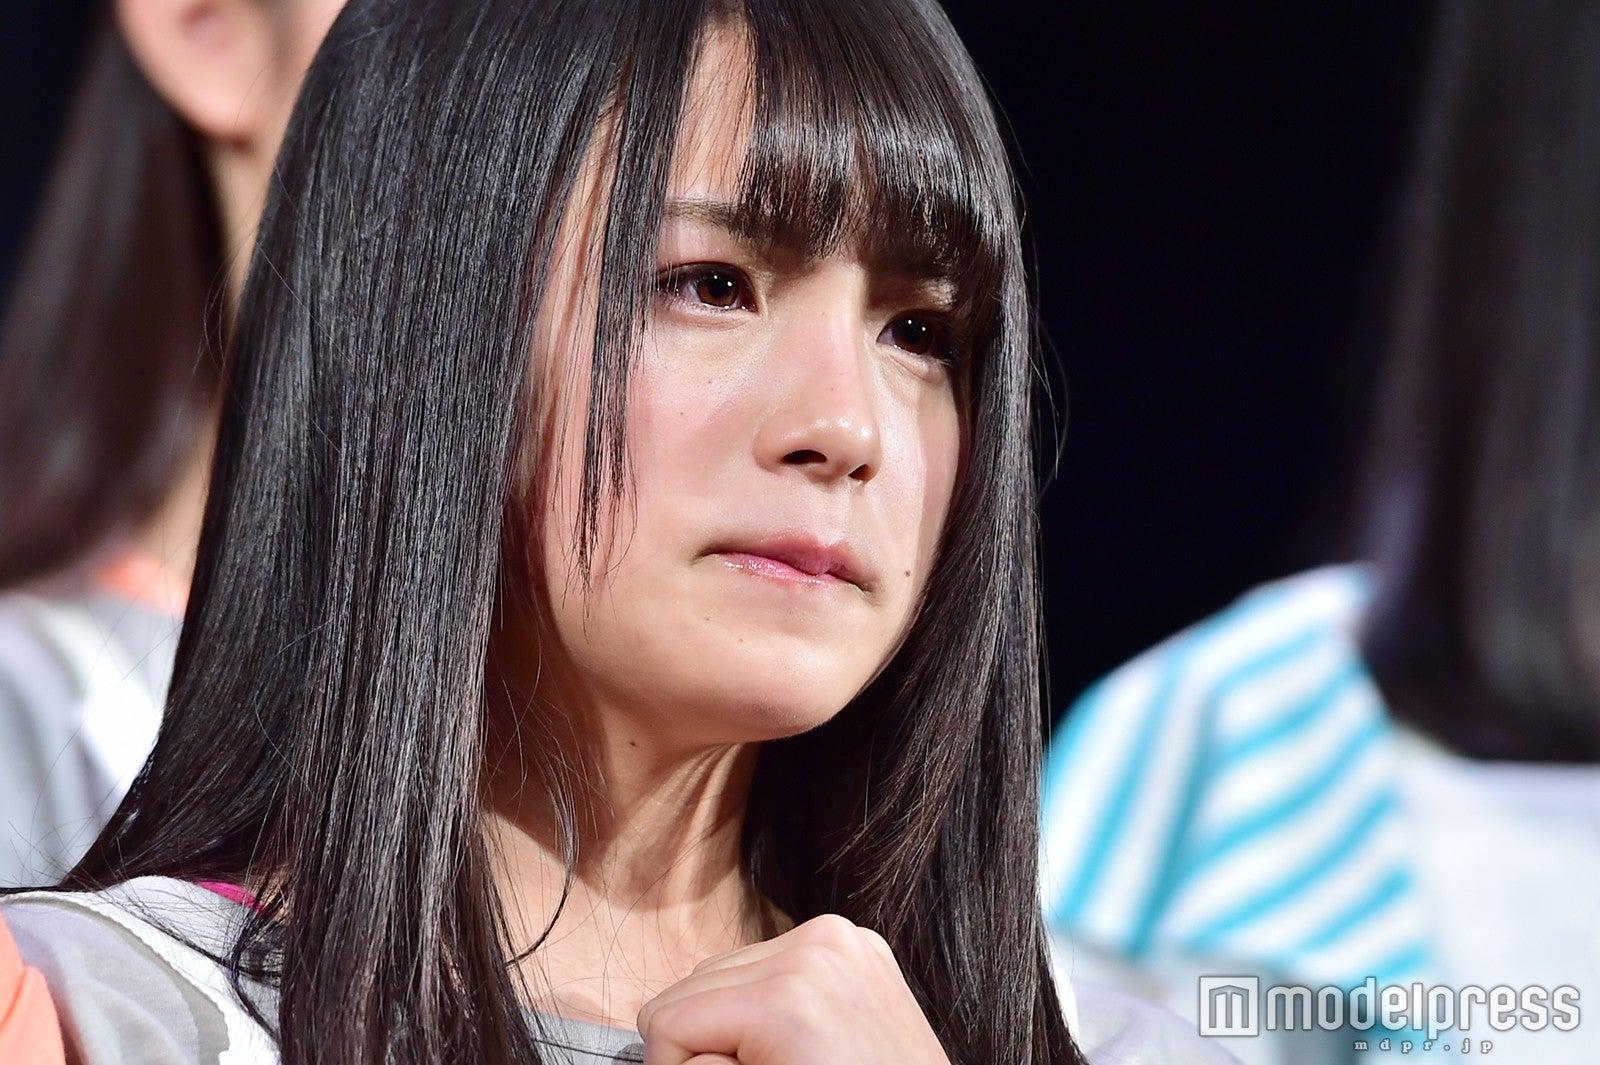 """乃木坂46・3期生""""泣きすぎる""""大園桃子が話題 ド緊張で震える姿が「インパクトありすぎ」「放っておけない」"""